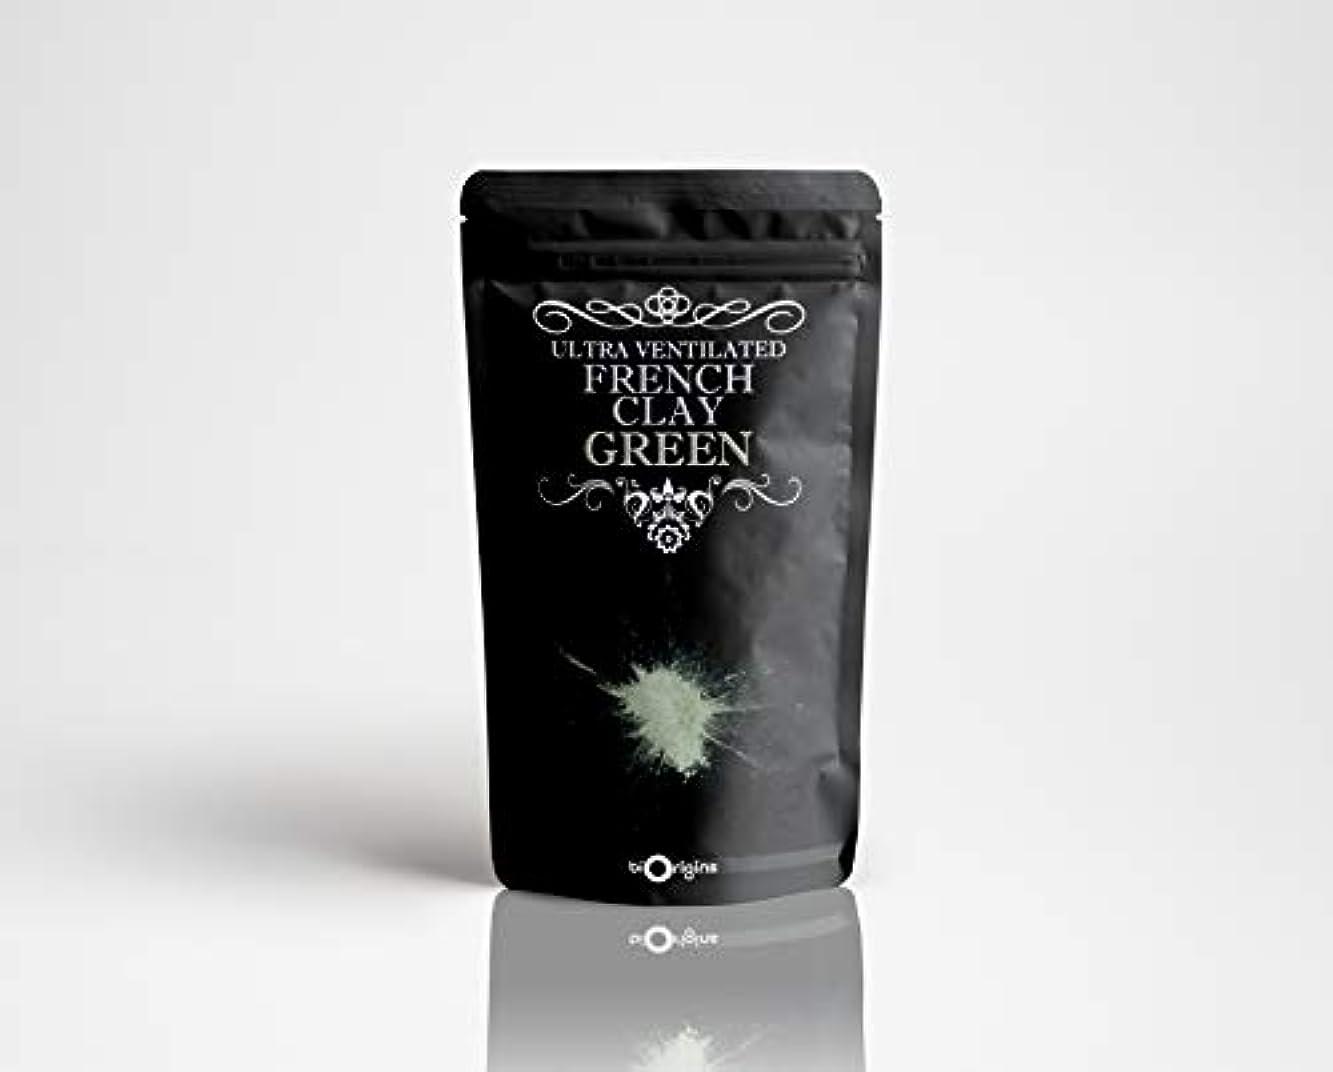 大人きゅうり弾薬Green Ultra Ventilated French Clay - 100g